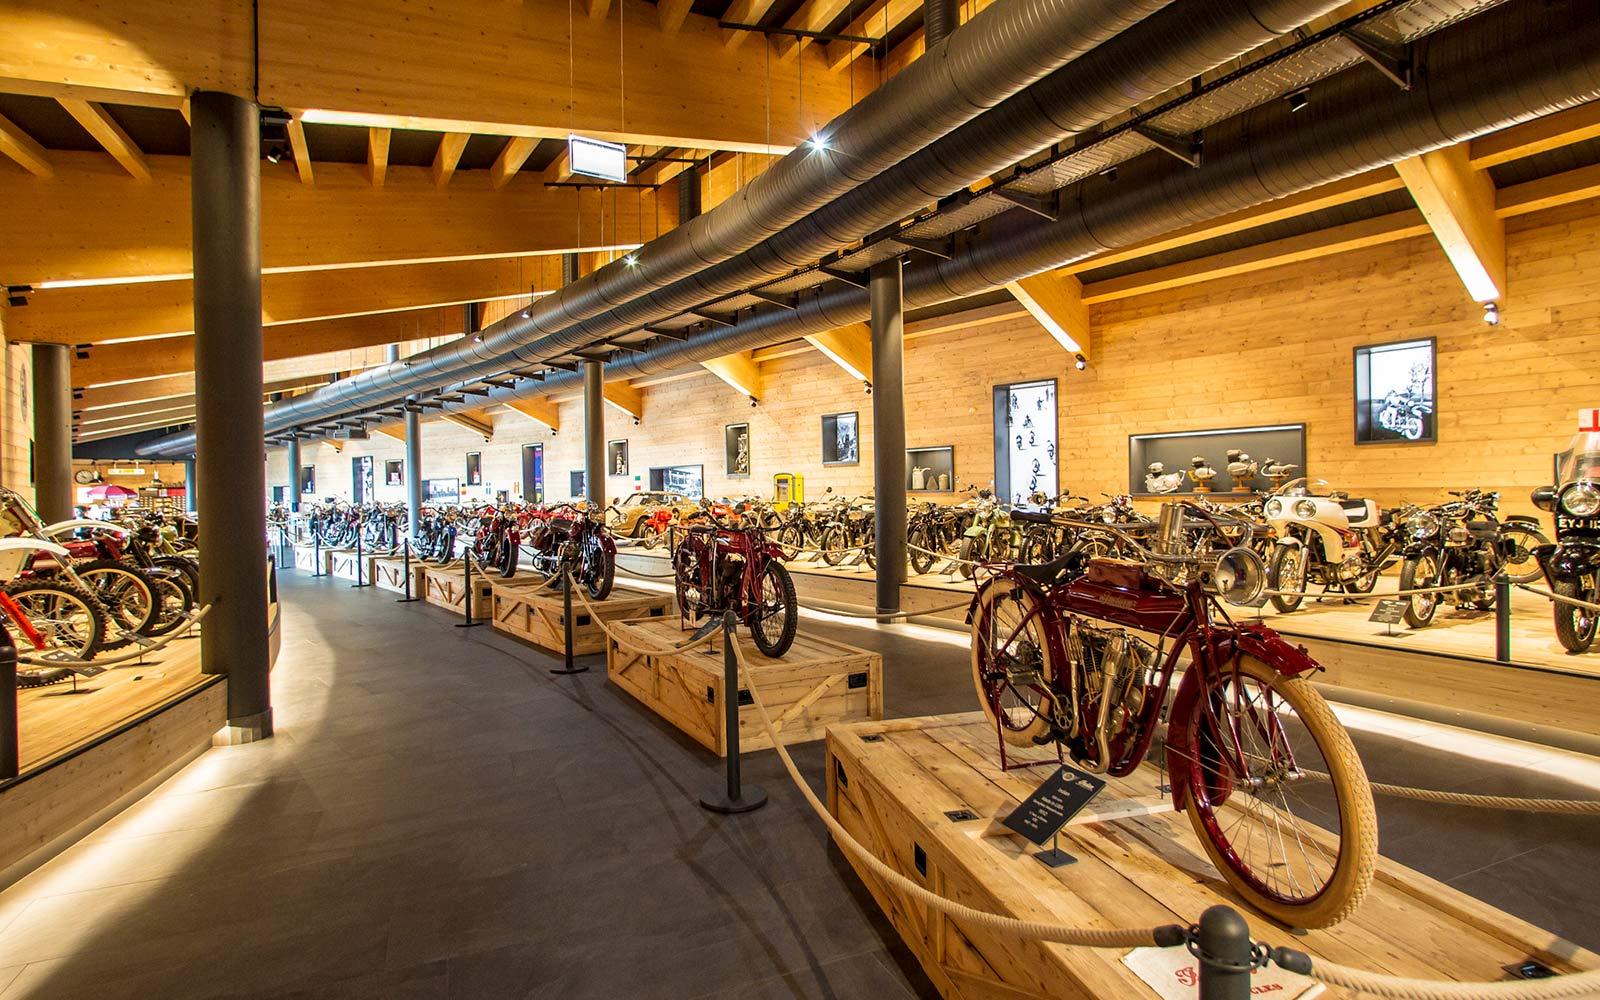 Сгорает музей Top Mountain Crosspoint — потеряно более 200 исторических мотоциклов